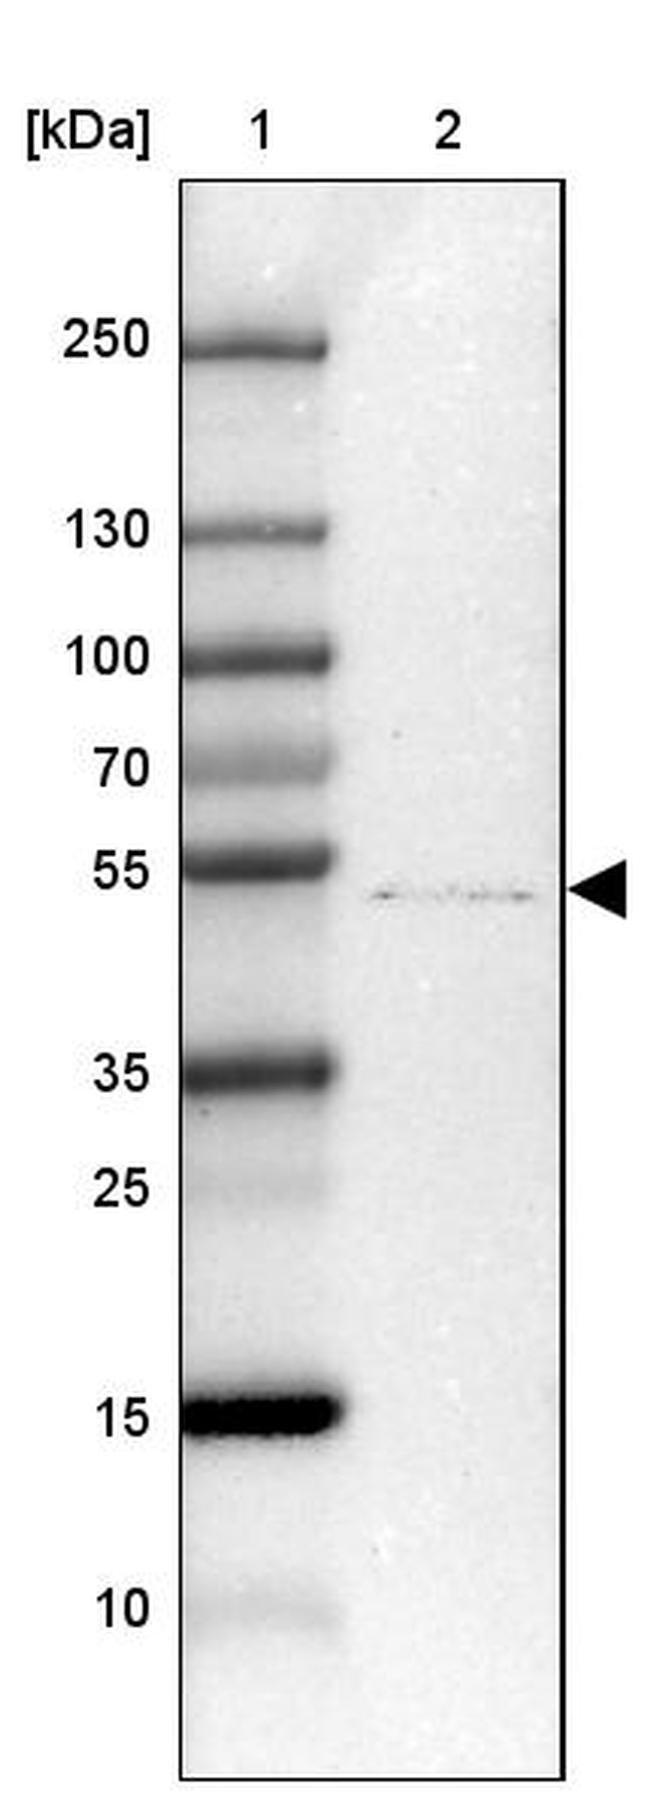 ZDHHC1 Rabbit anti-Human, Polyclonal, Invitrogen 100 µL; Unconjugated